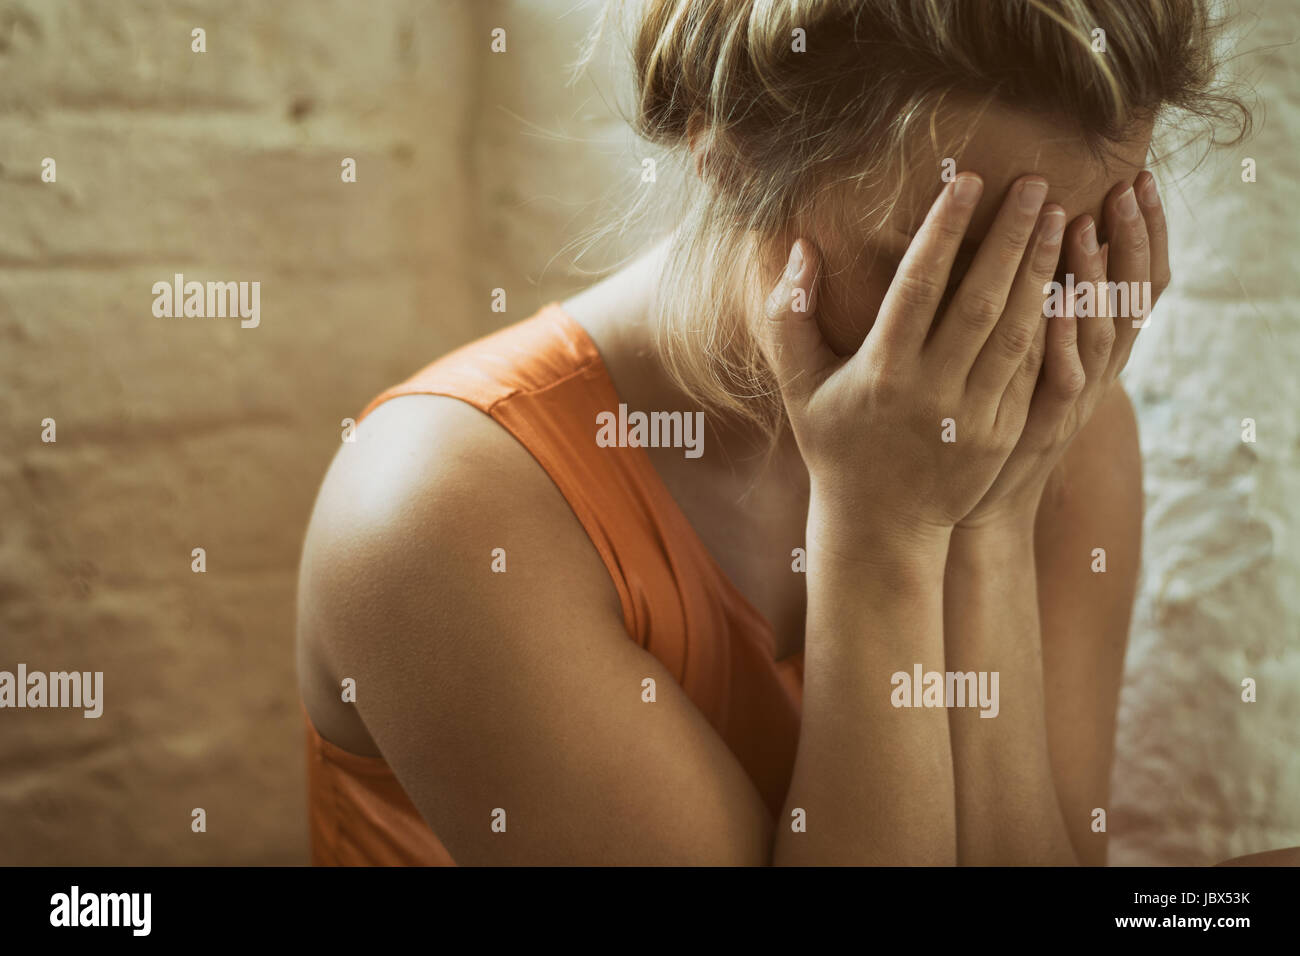 Gros plan d'une jeune femme triste de se cacher le visage avec les mains de pleurer Banque D'Images